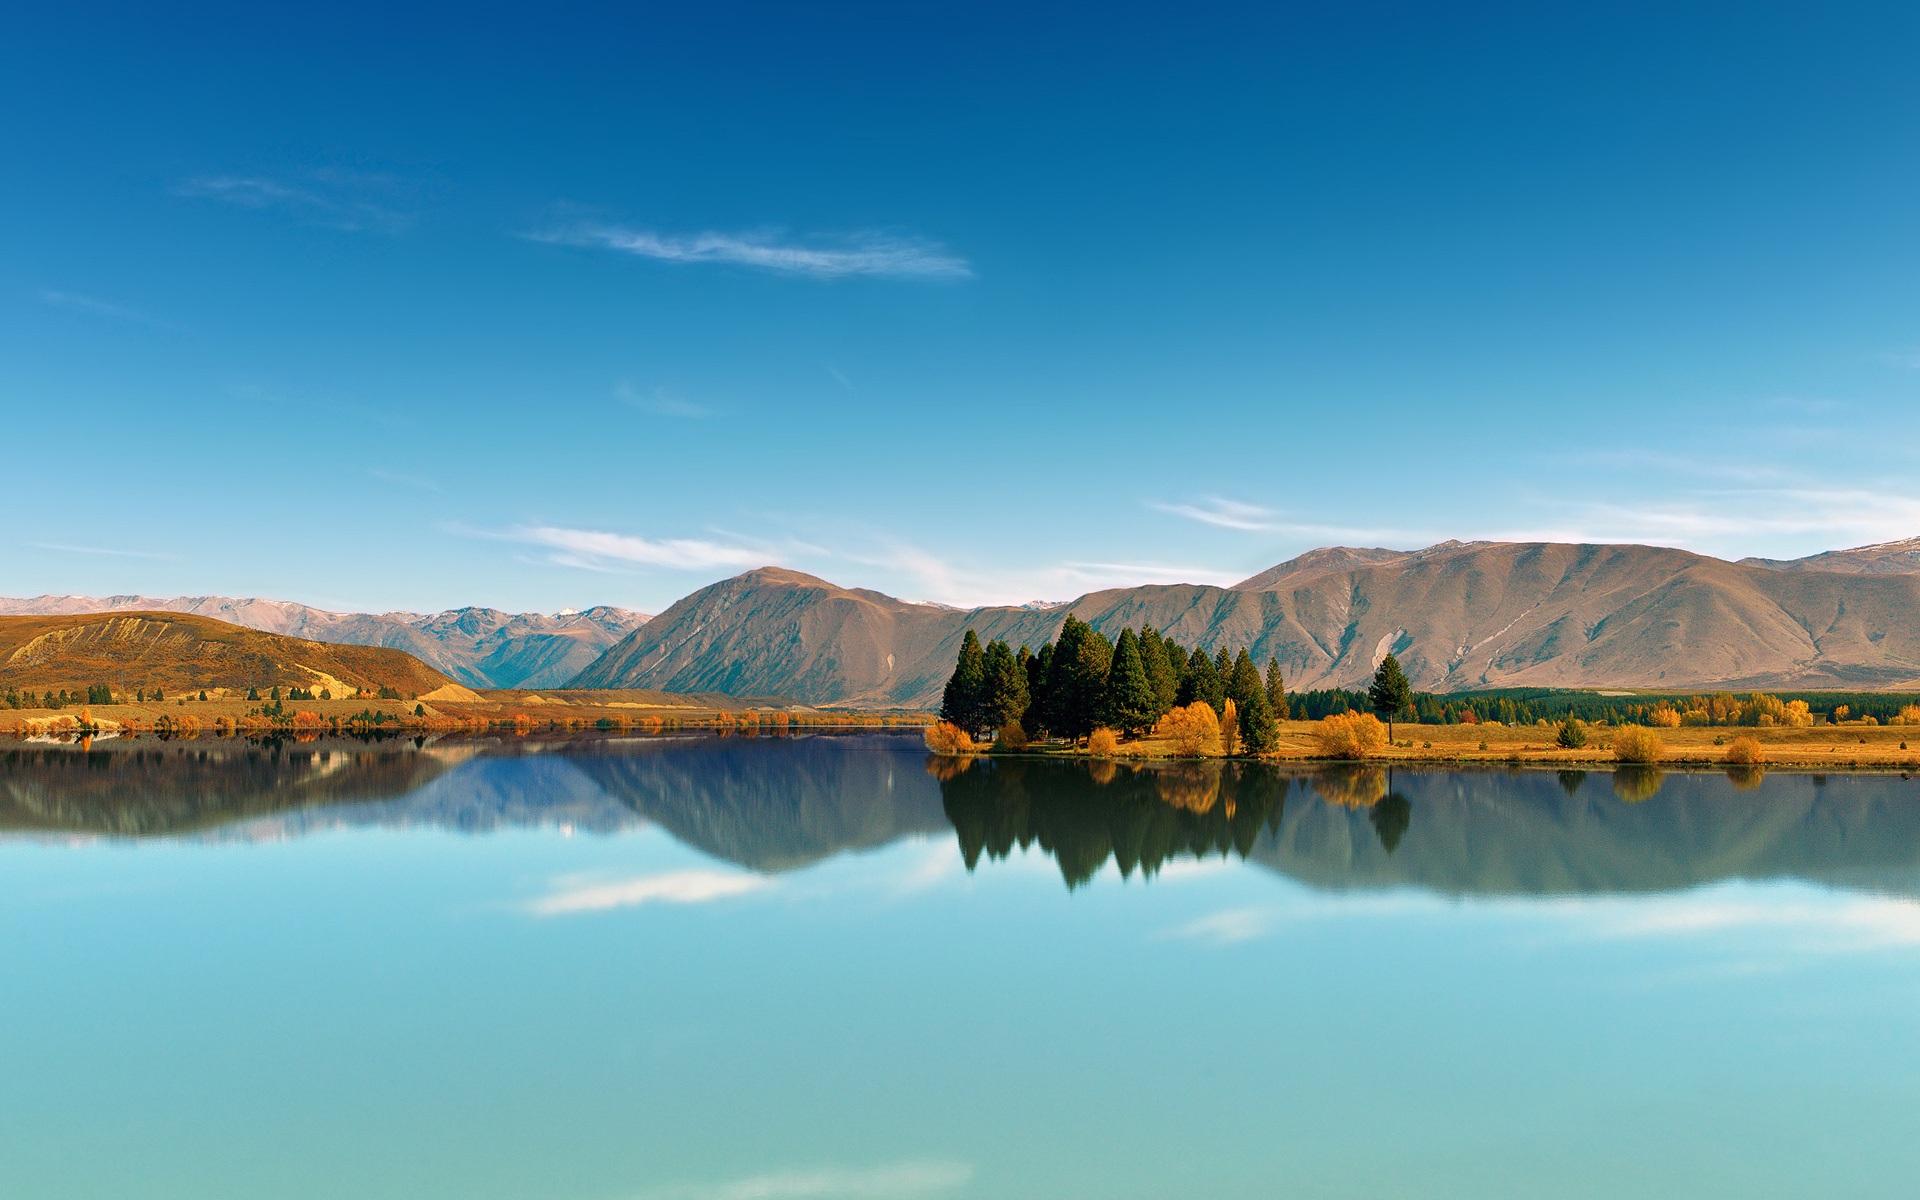 горы озеро деревья небо  № 3234811 бесплатно